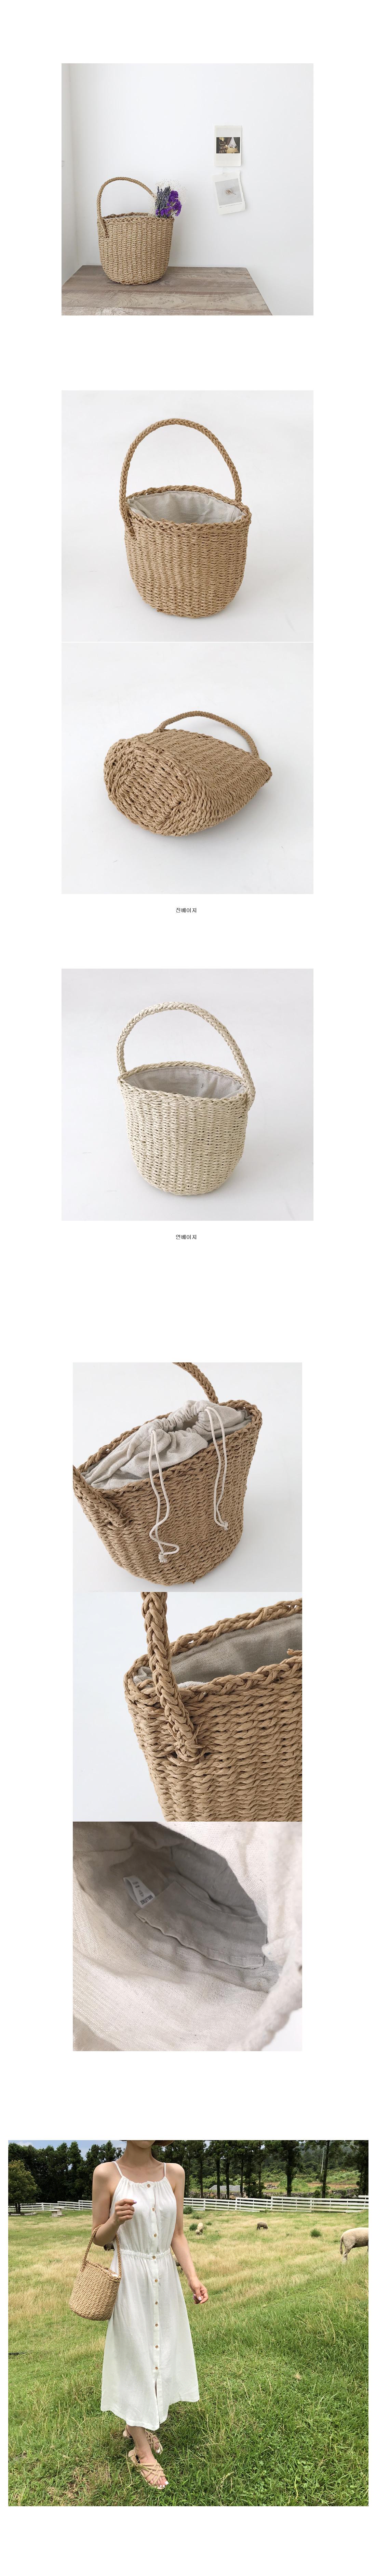 Basket Ratan Tote Bag